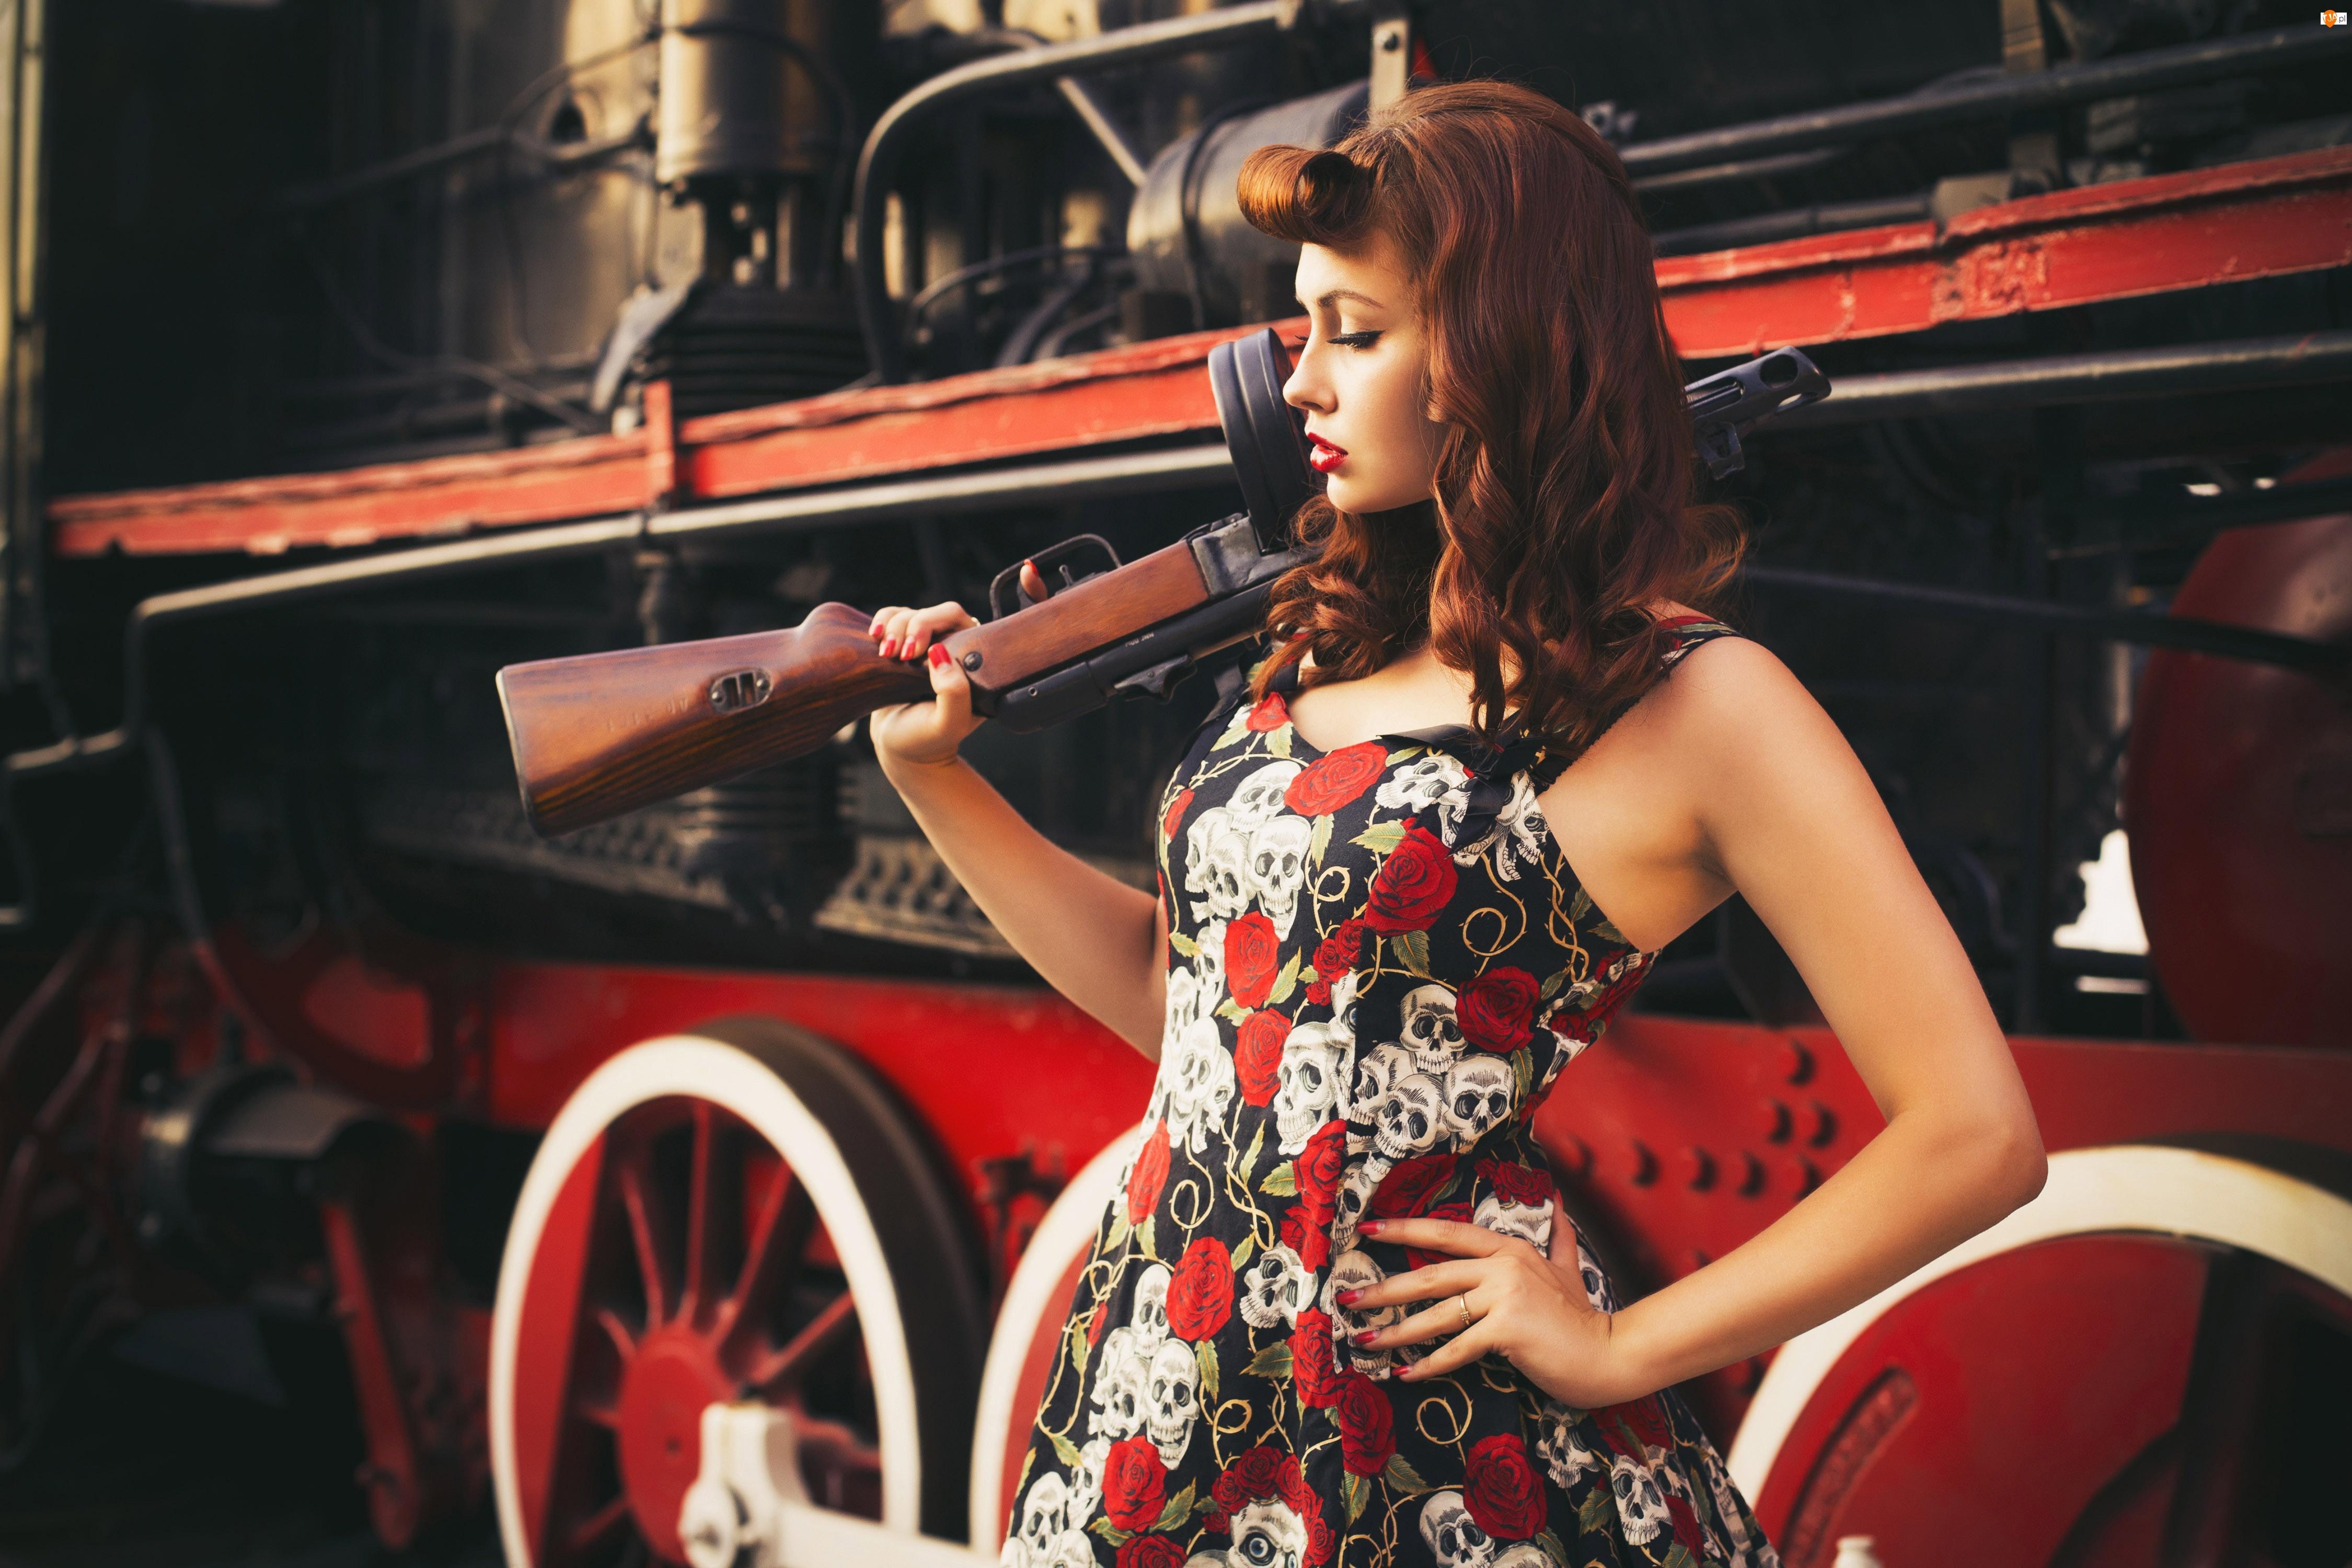 Pistolet, Thompson, Rudowłosa, Lokomotywa, Kobieta, Maszynowy